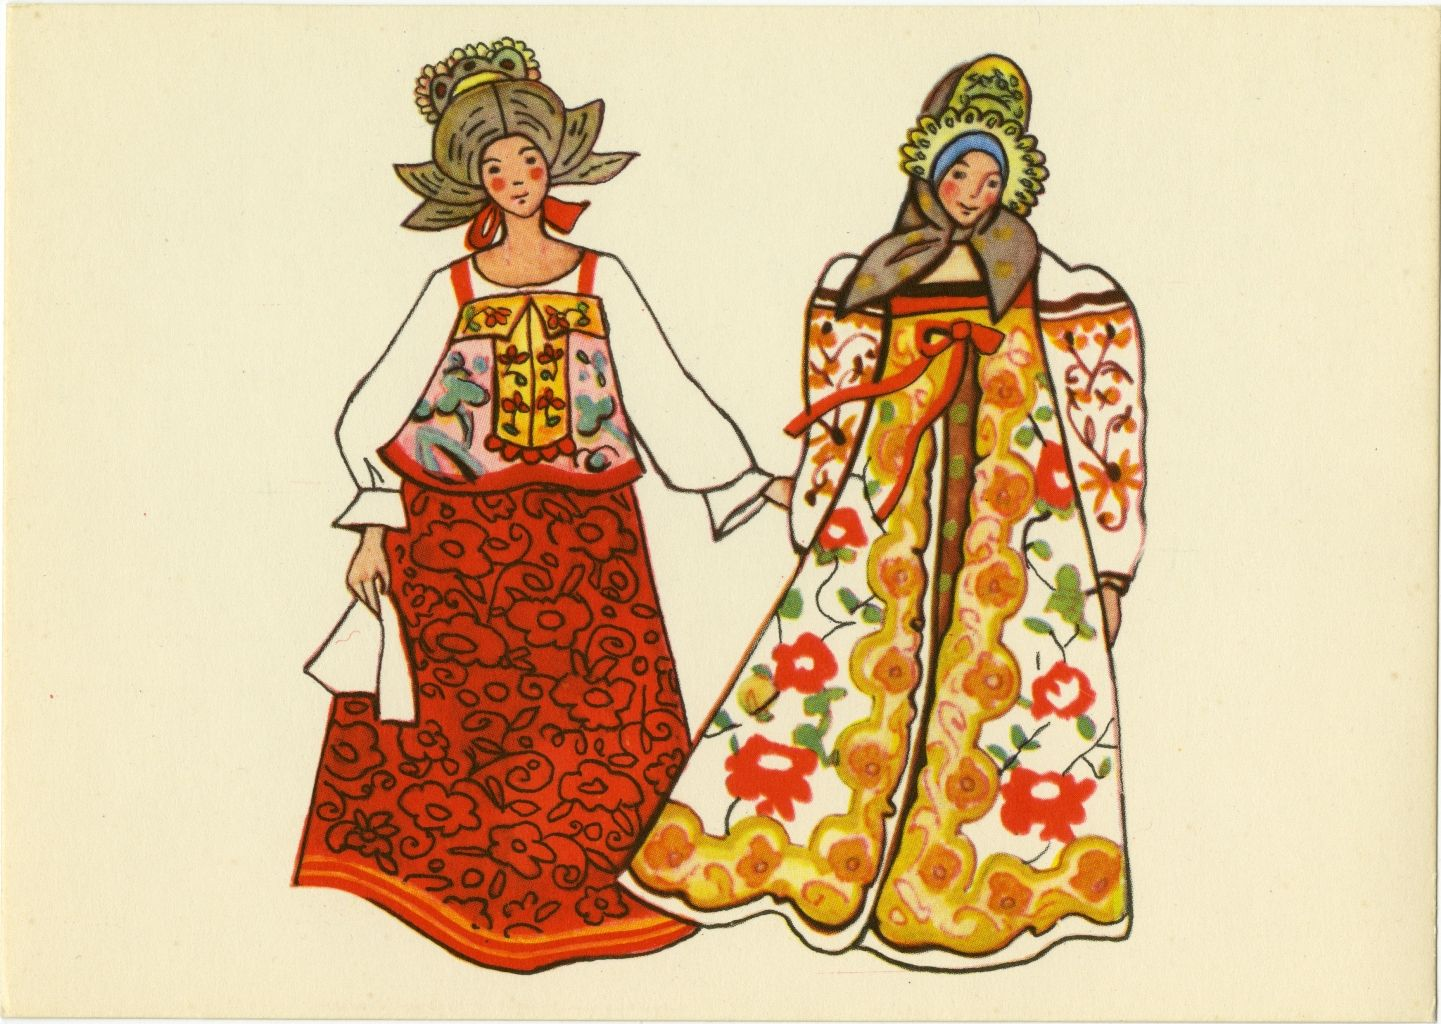 Народный костюм открытка, фразы прикольные высказывания